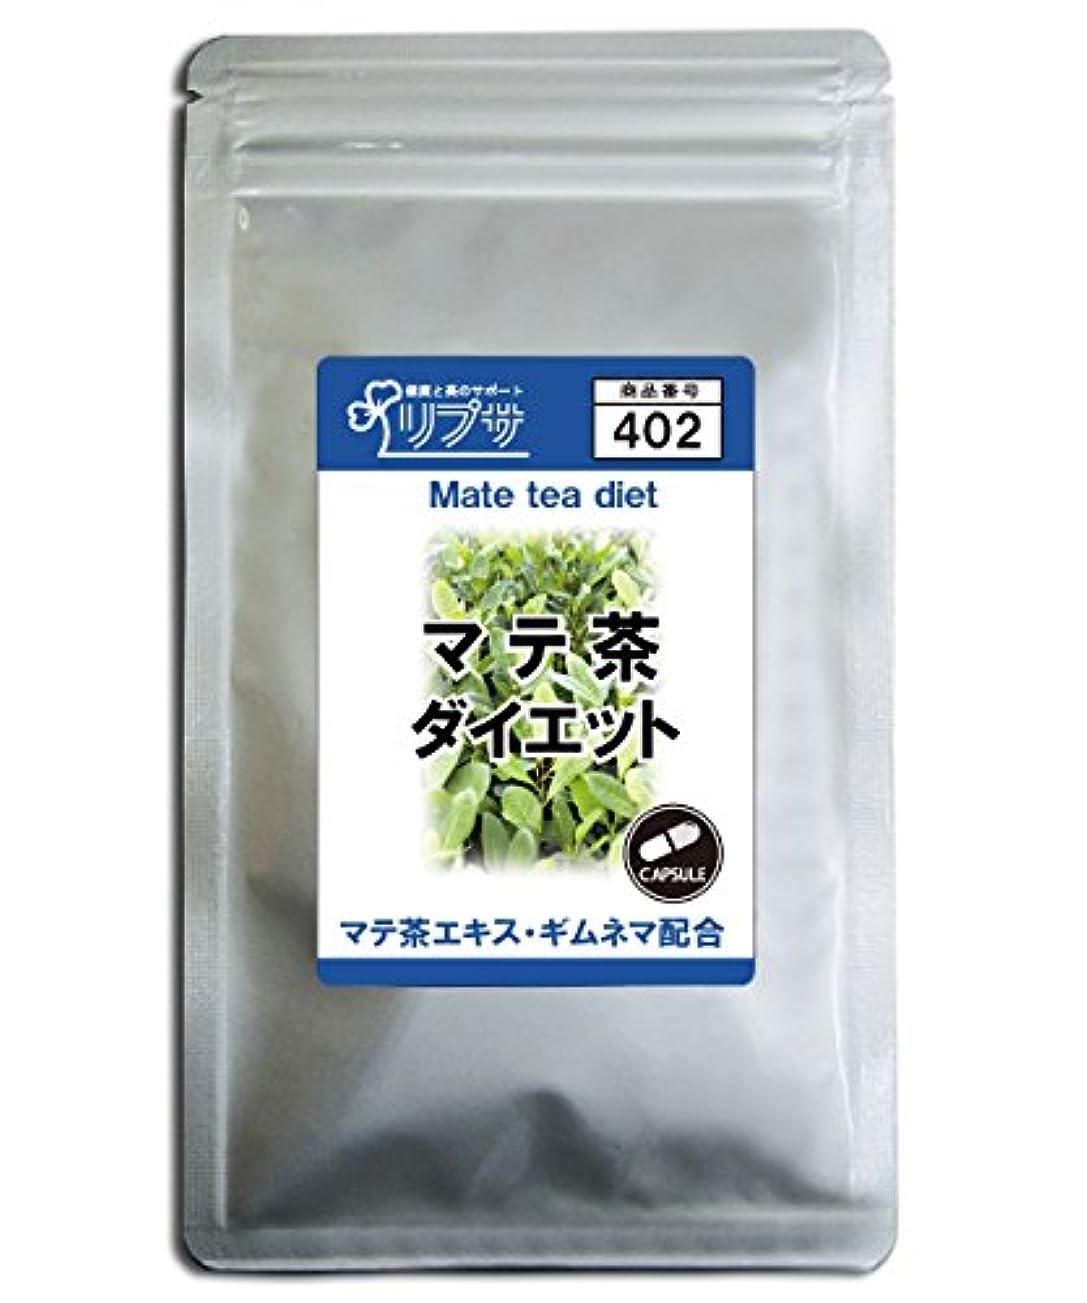 手首疑い超越するマテ茶ダイエット 約3か月分 C-402